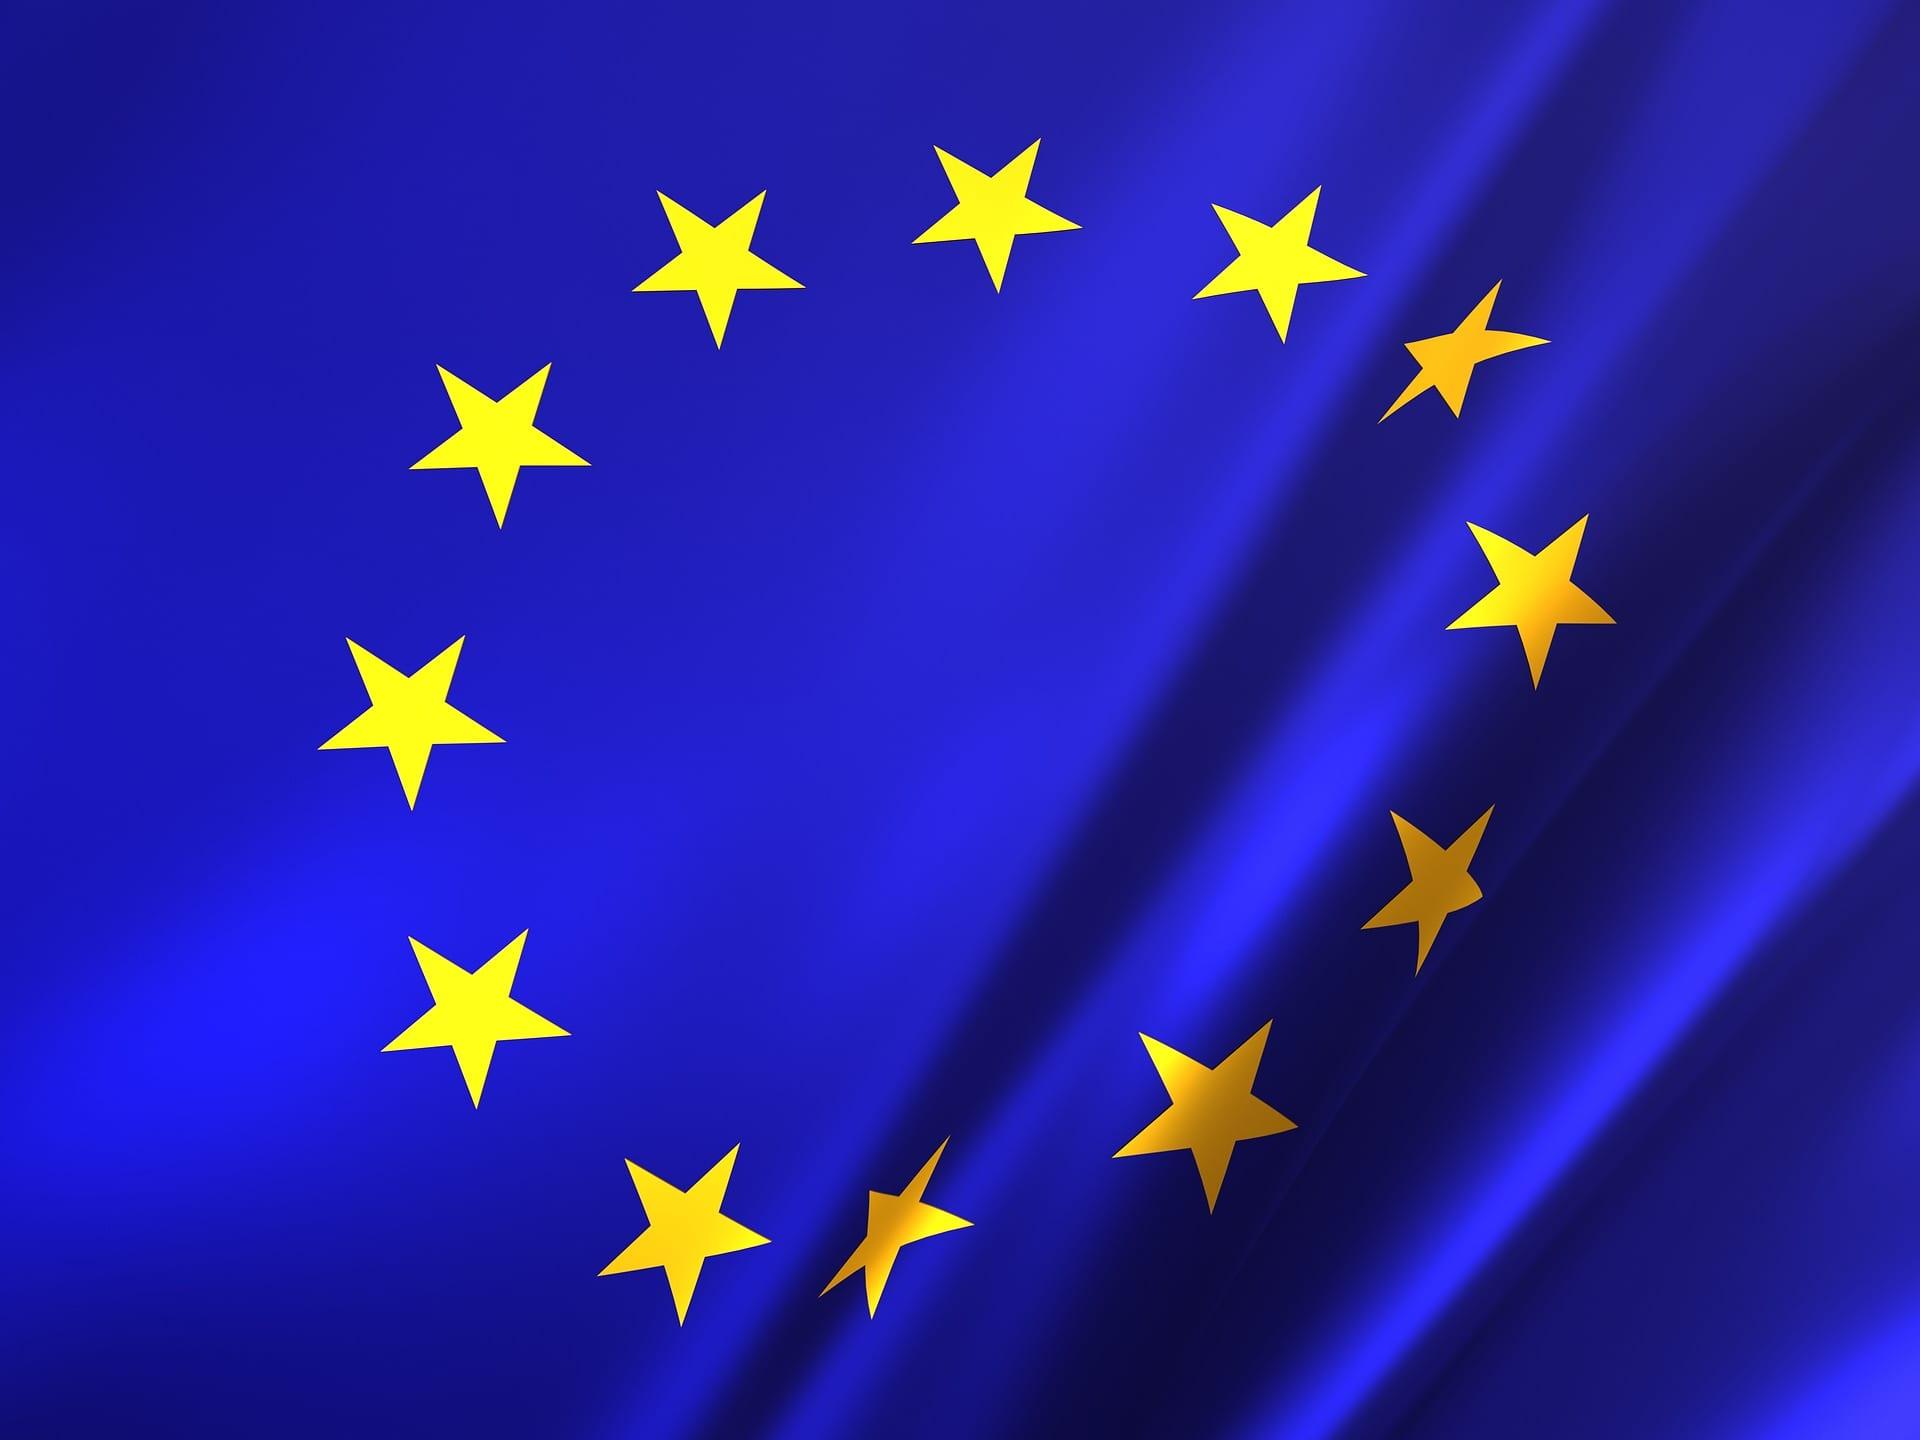 L'Union européenne accuse le Ghana de financer le terrorisme et le sanctionne